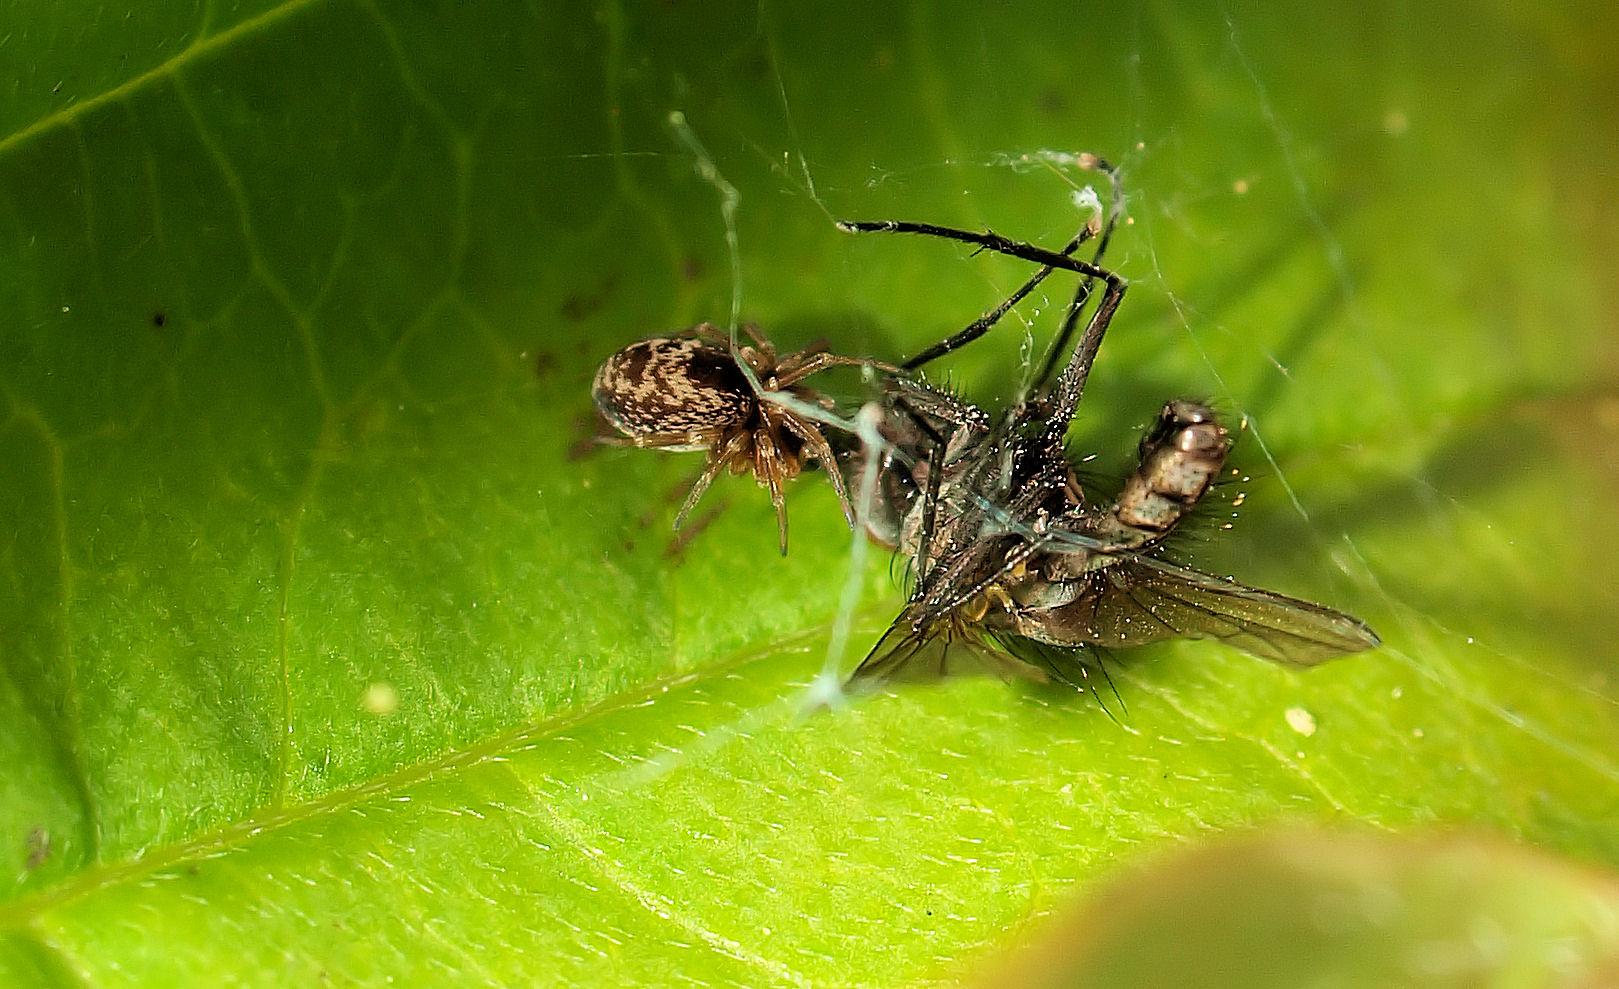 Die 3mm Spinne hat eine viel größere Fliege erlegt....